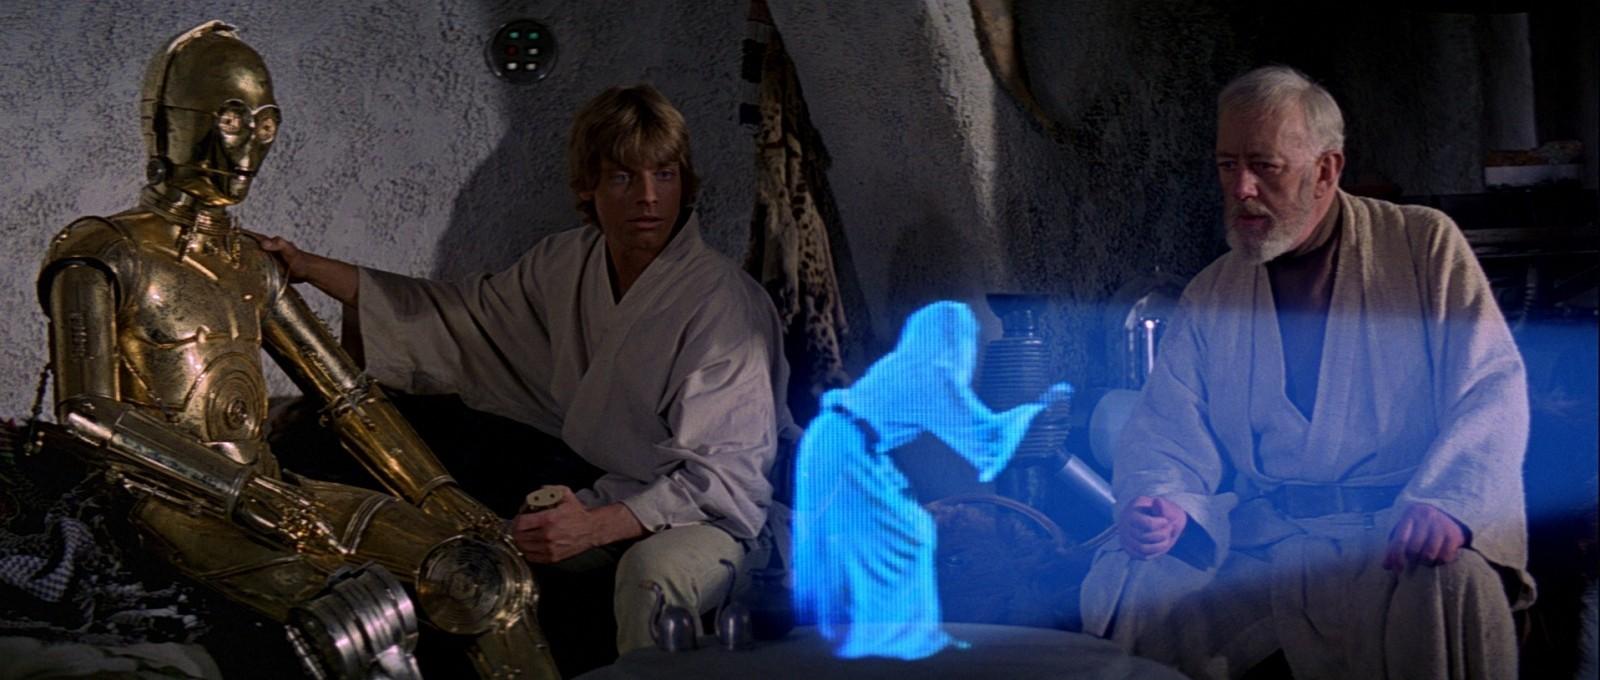 Hologramas como os de Star Wars estão um passo mais próximo de se tornarem realidade. (Foto: Divulgação)